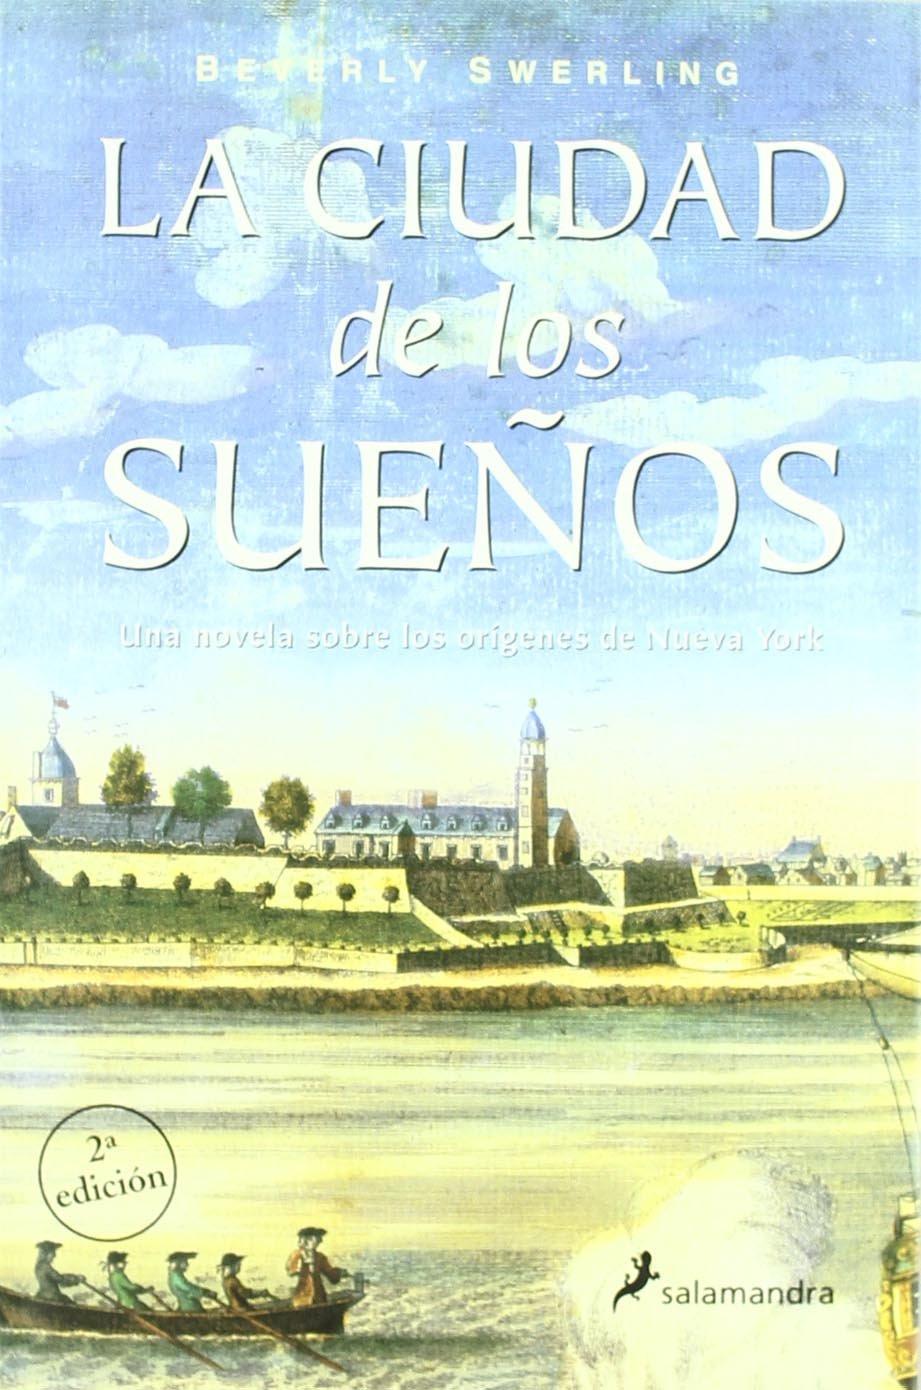 La Ciudad De Los Sueños Novela Histórica Spanish Edition Swerling Beverly 9788478887972 Books